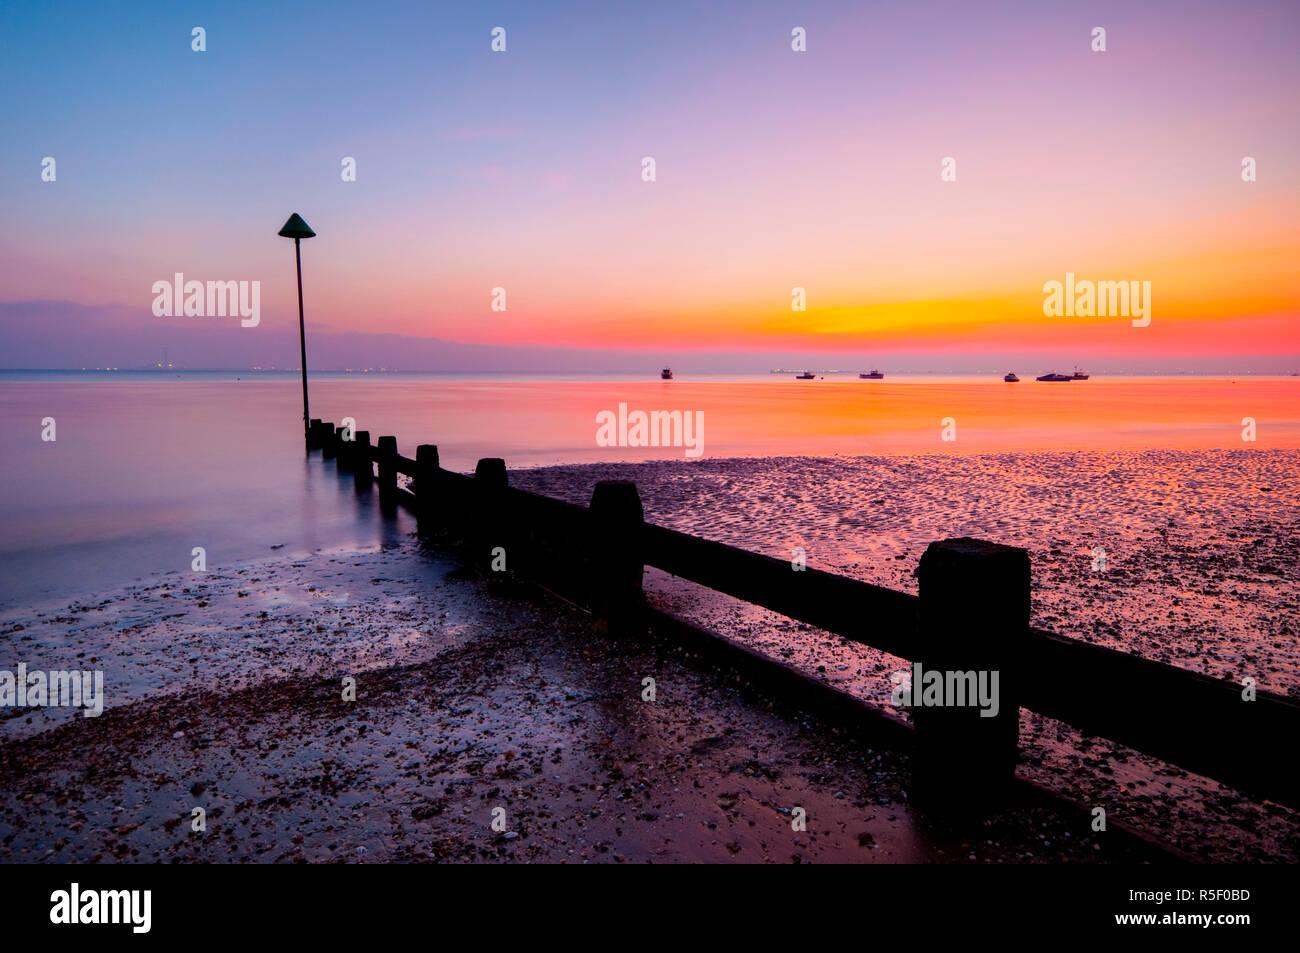 UK, England, Essex, Thames Estuary, Southend, Shoeburyness - Stock Image